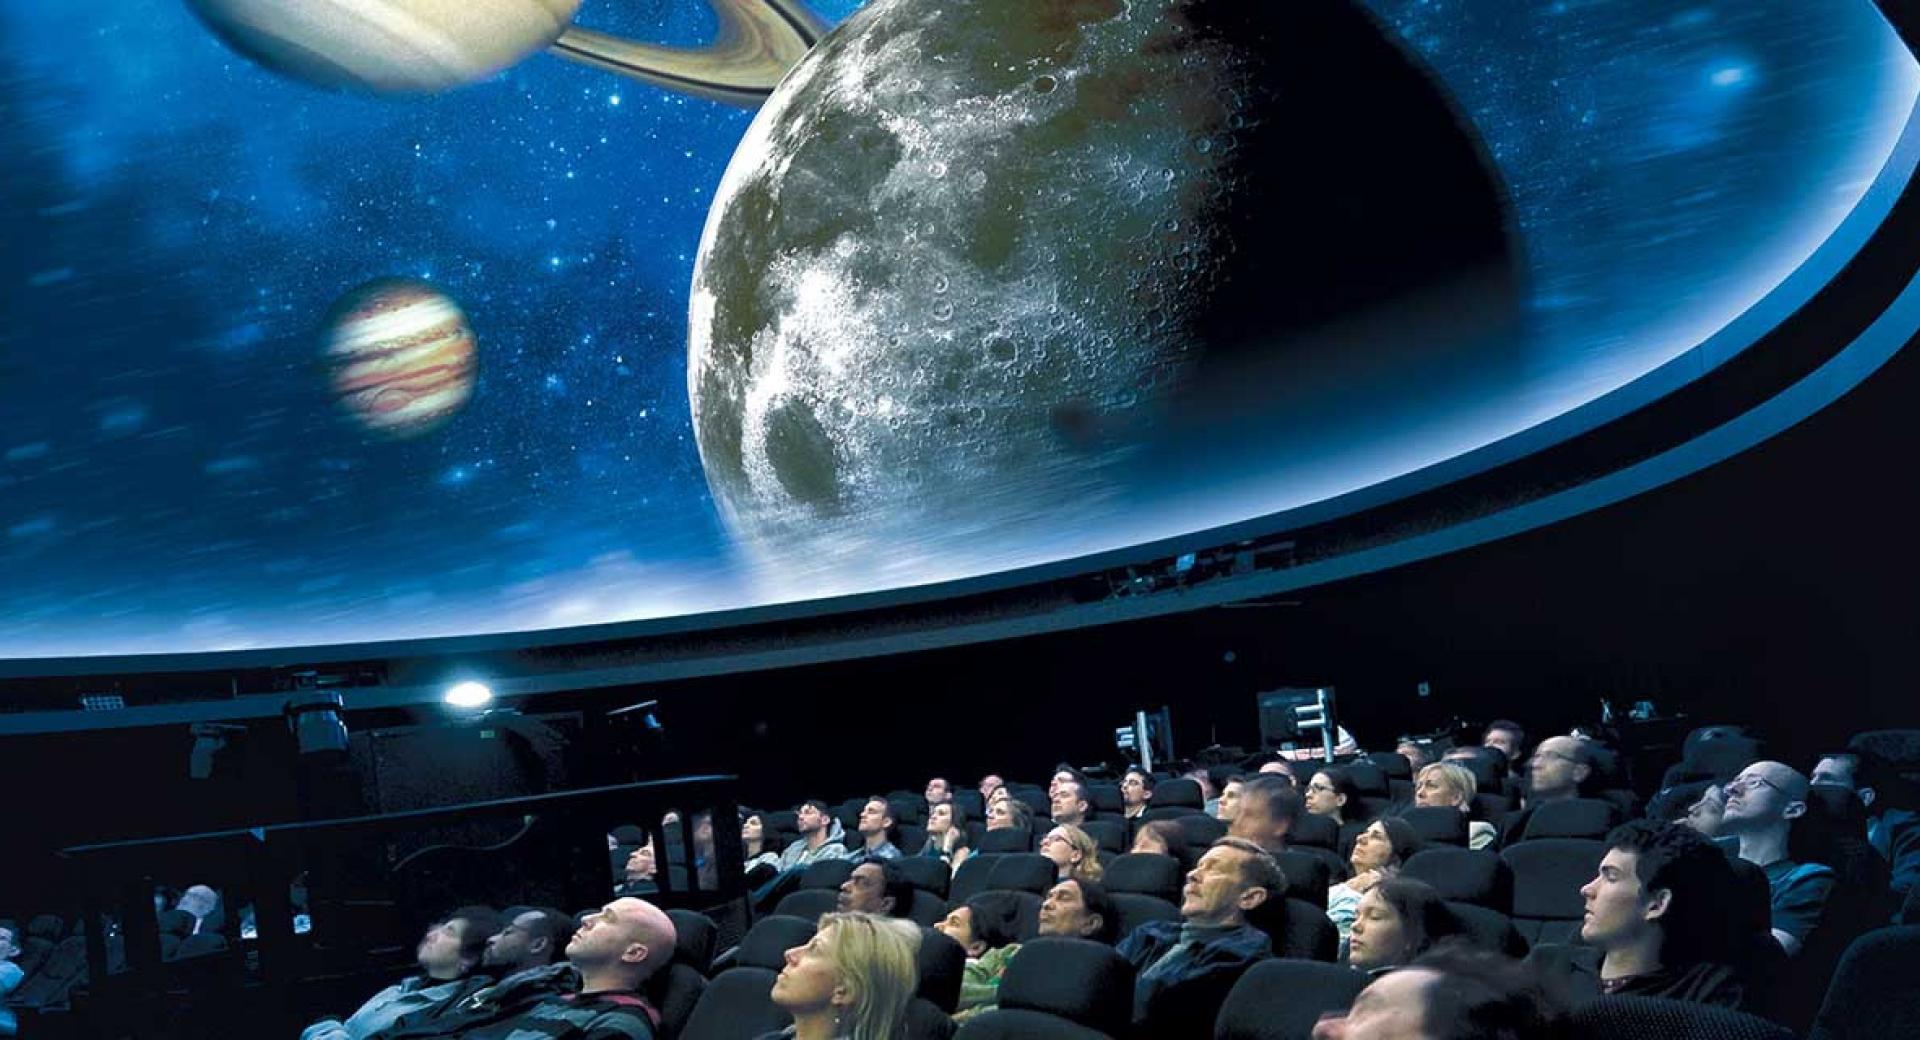 planetarium-hero-2.jpg